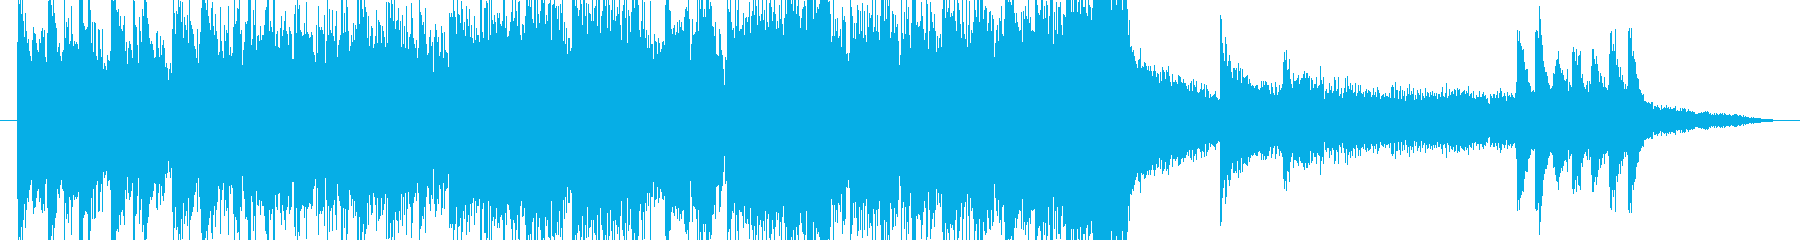 楽器いろいろサウンドロゴの再生済みの波形